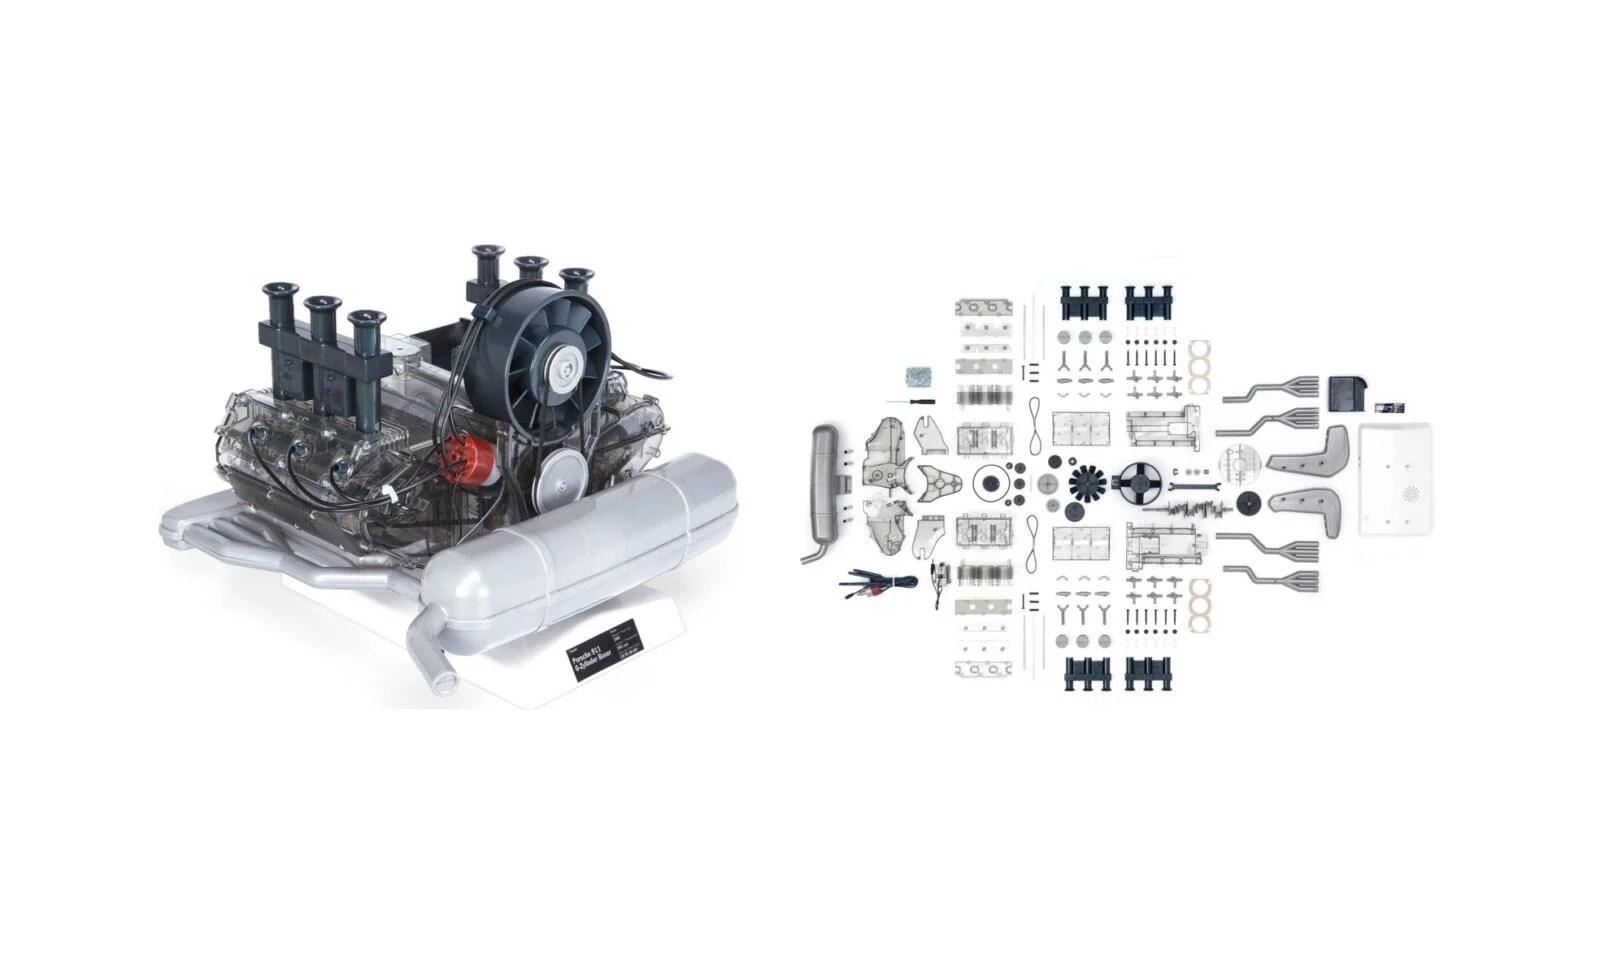 Porsche Flat 6 Engine Diagram • Wiring Diagram For Free